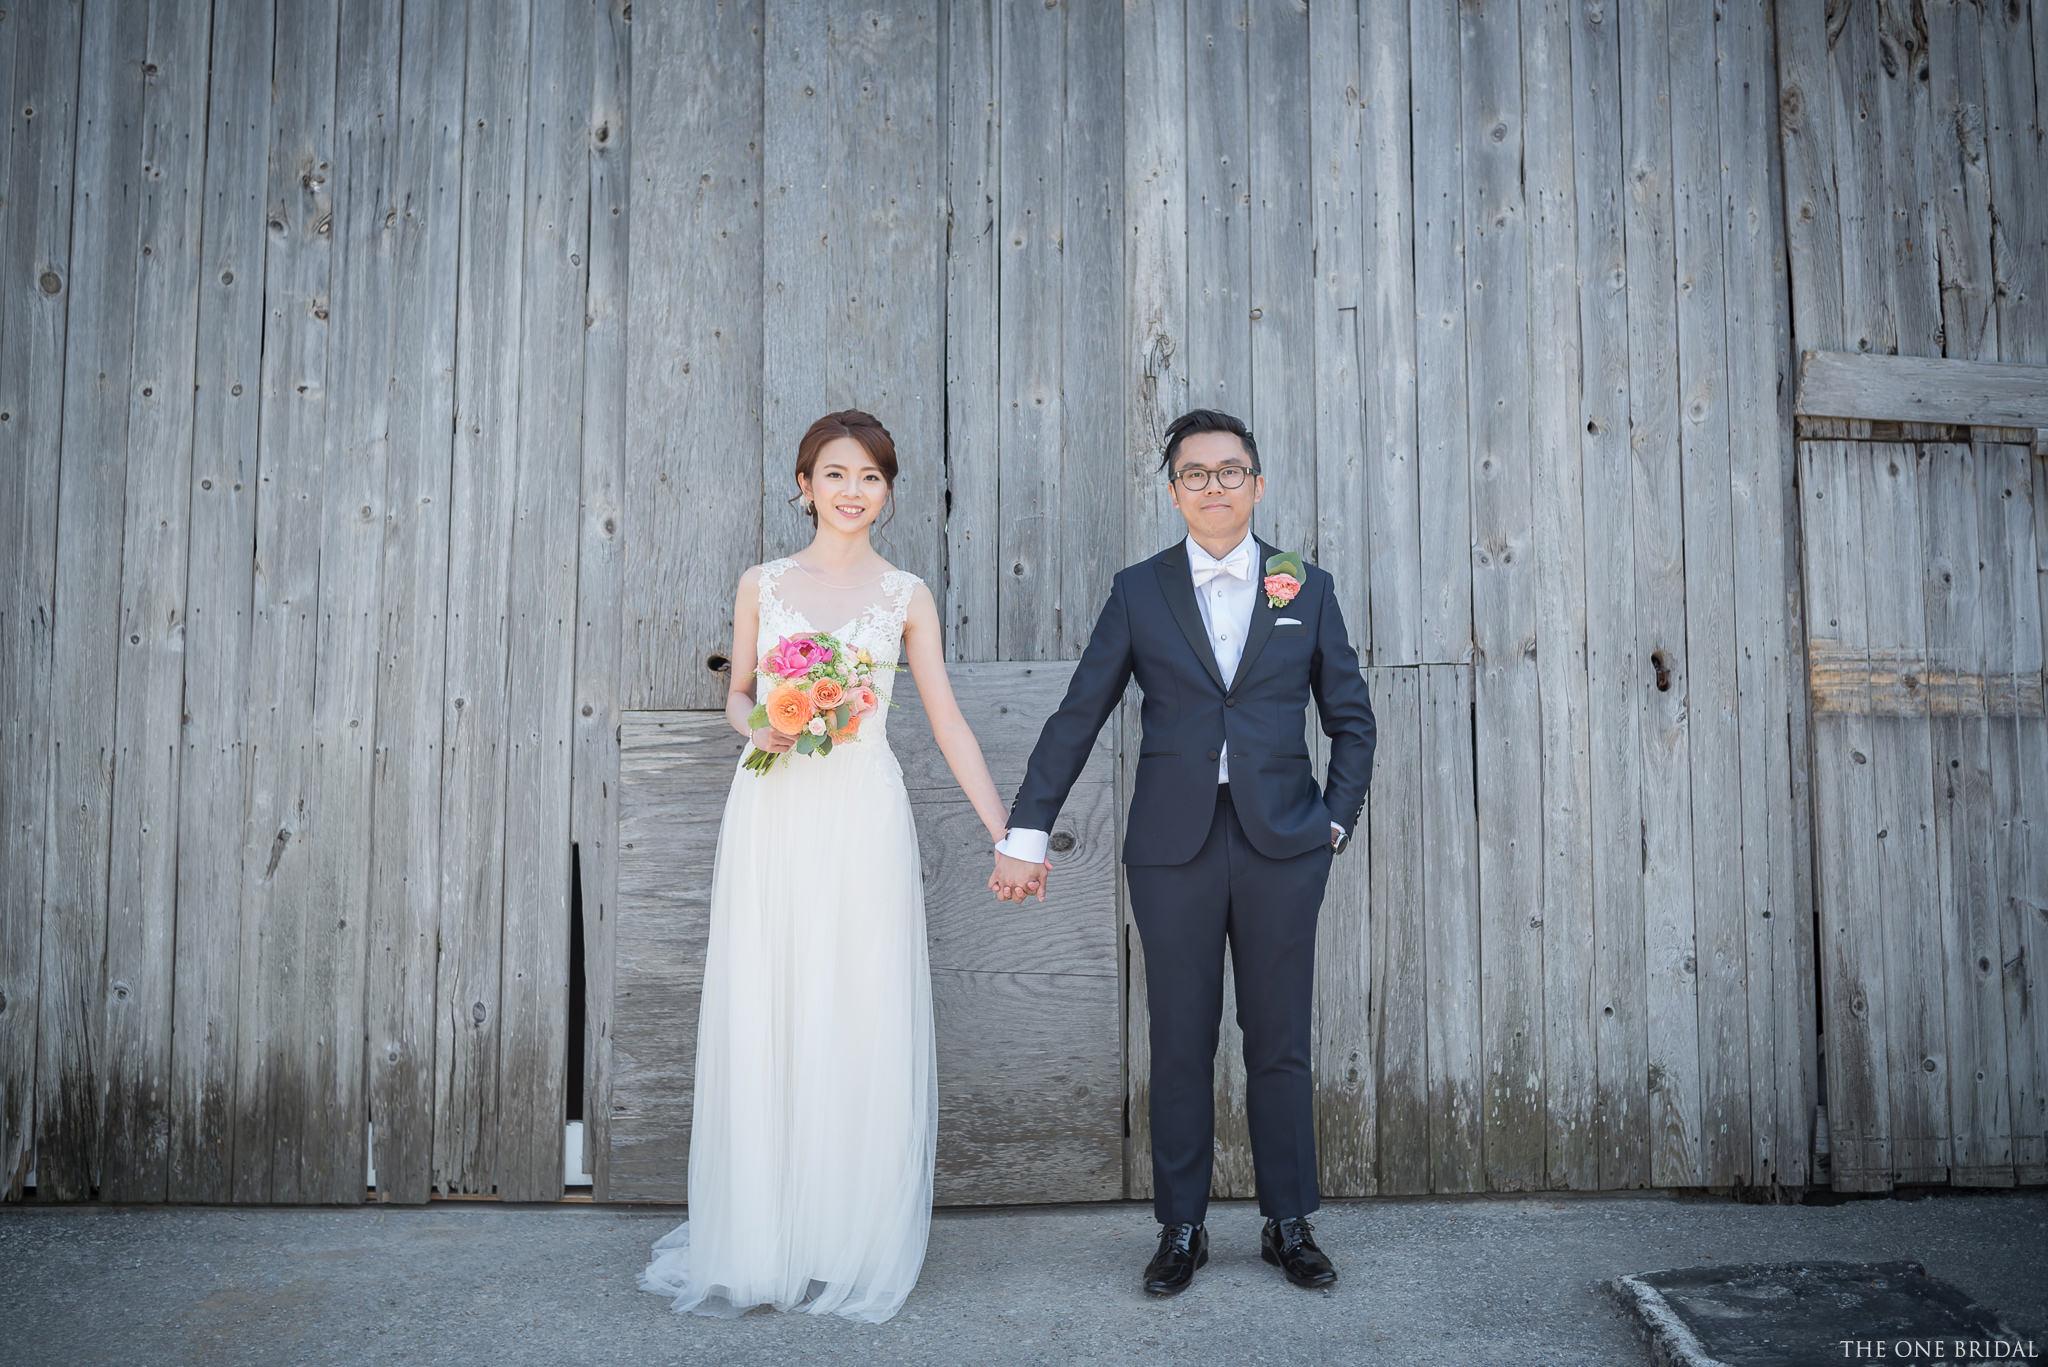 mandarin-golf-club-wedding-markham-the-one-bridal-022